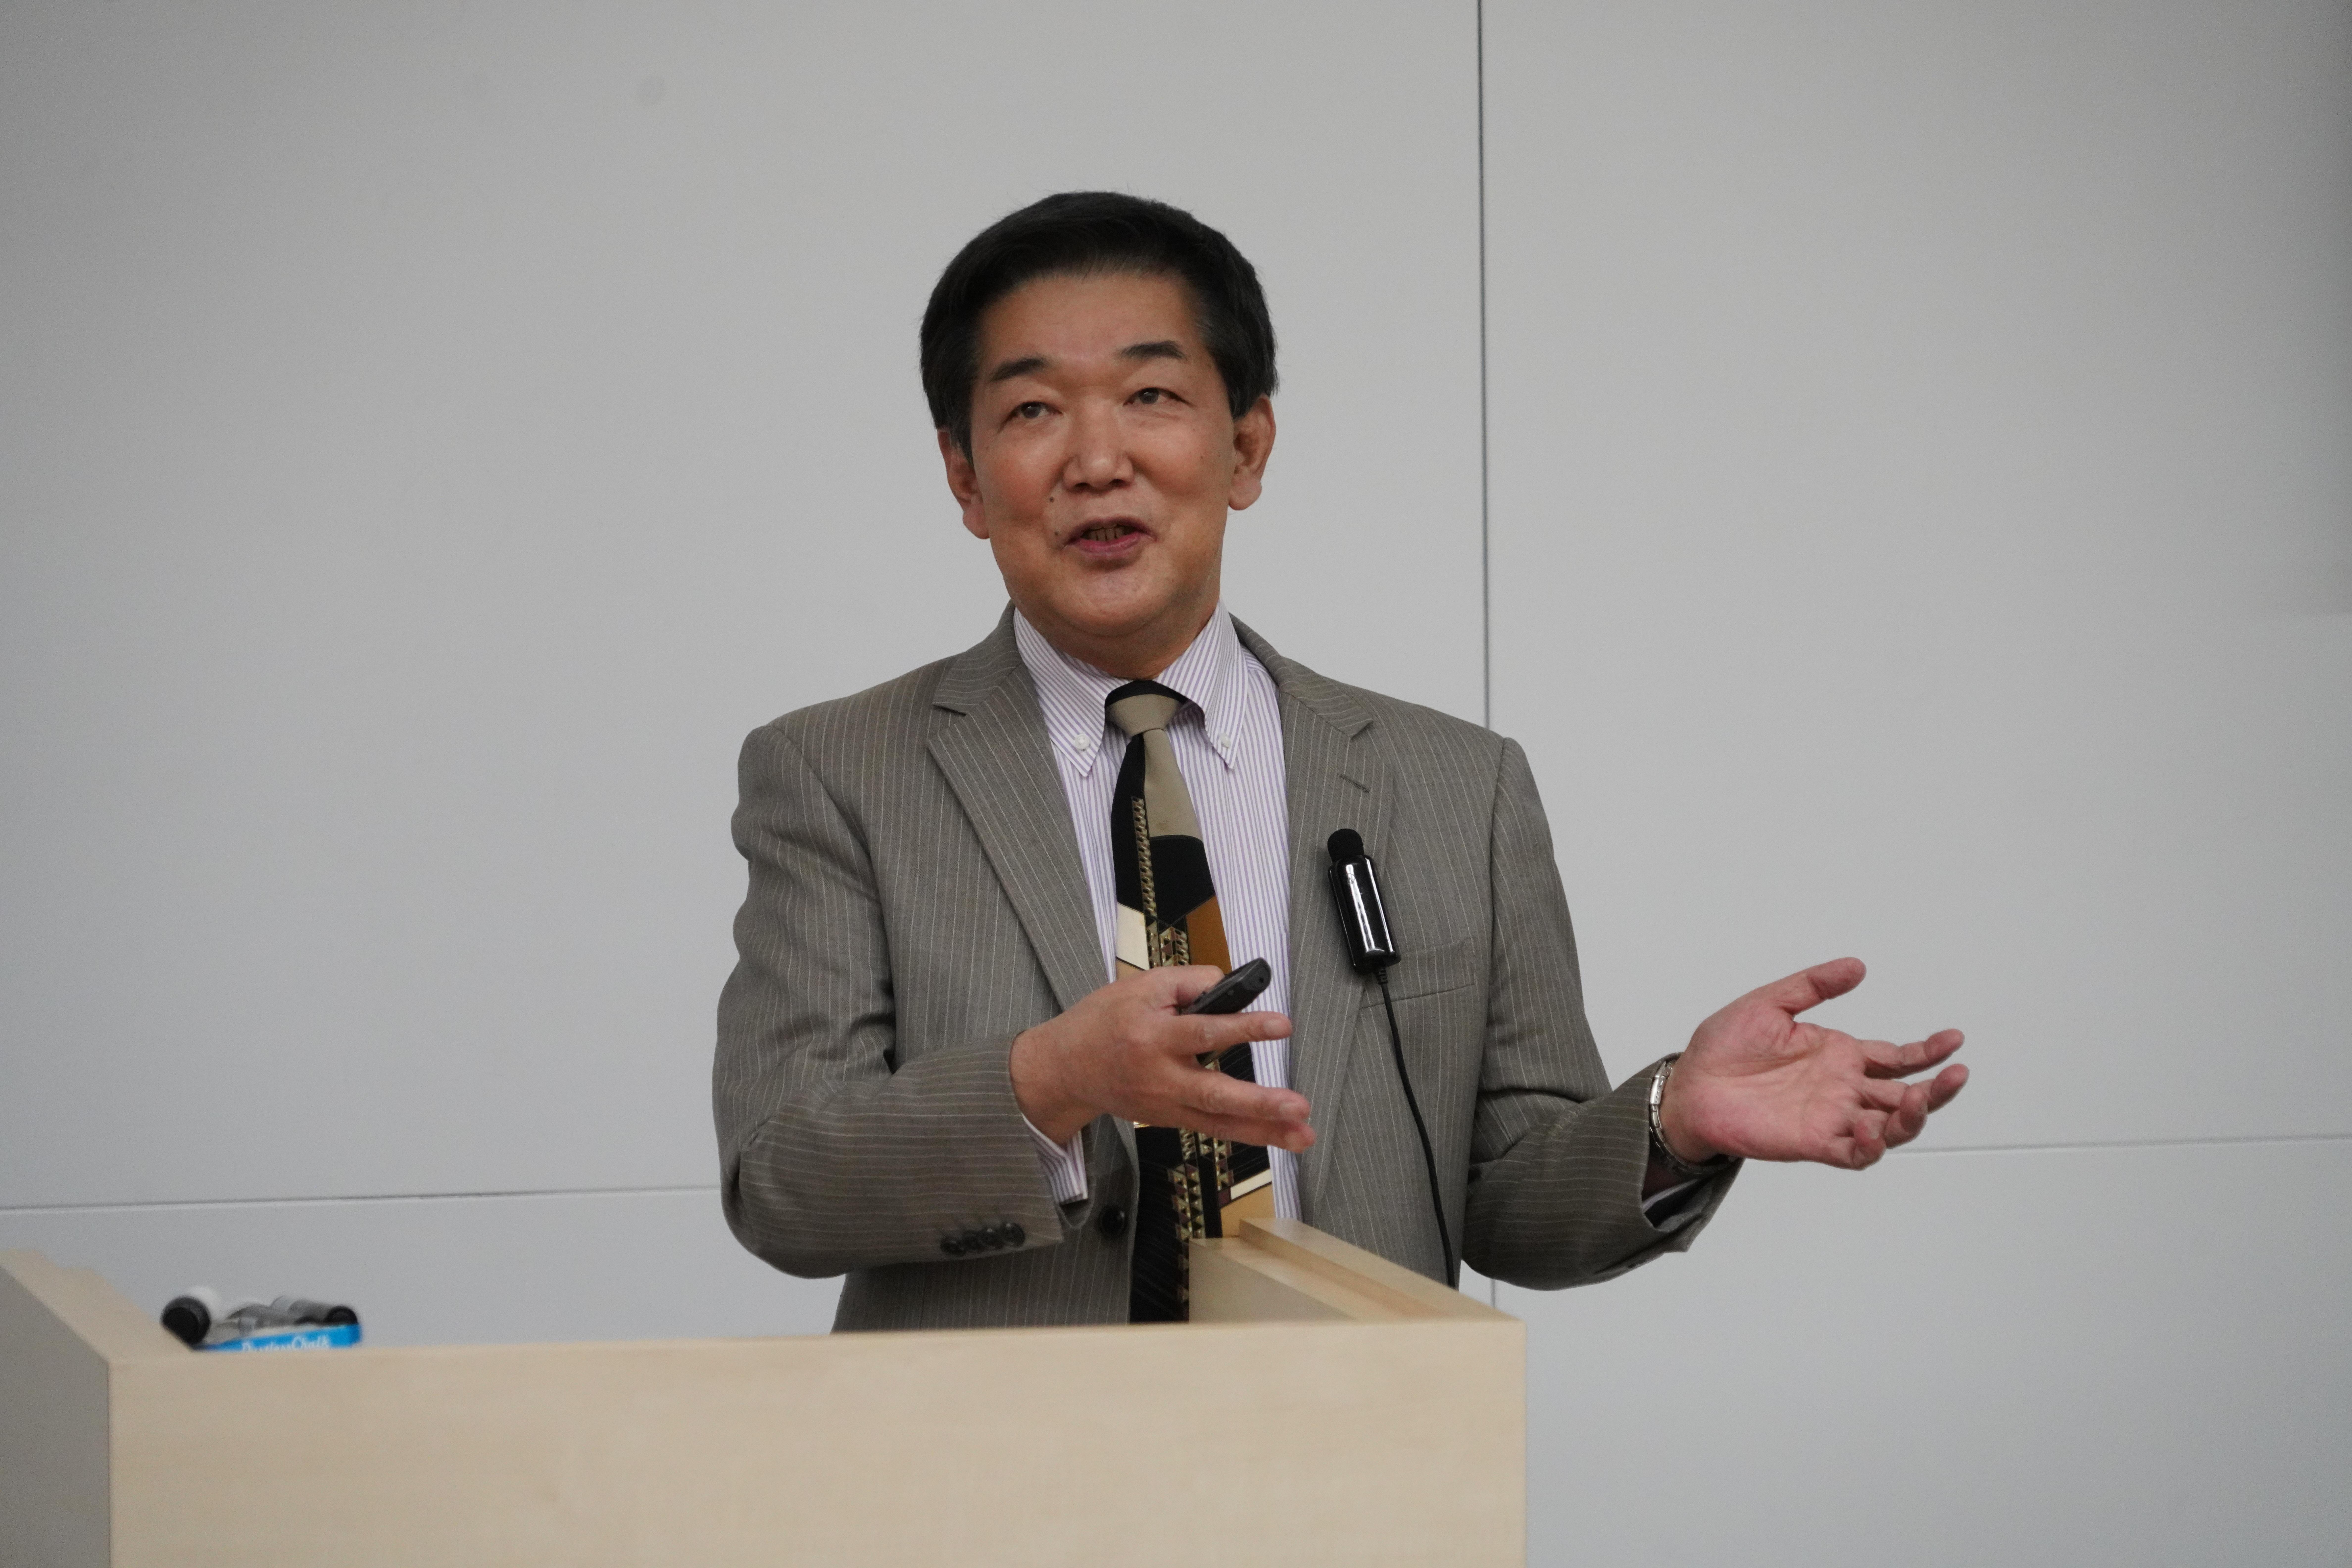 日本工業大学が千葉工業大学 尾上薫教授を迎えて2020年度環境特別講演会を開催